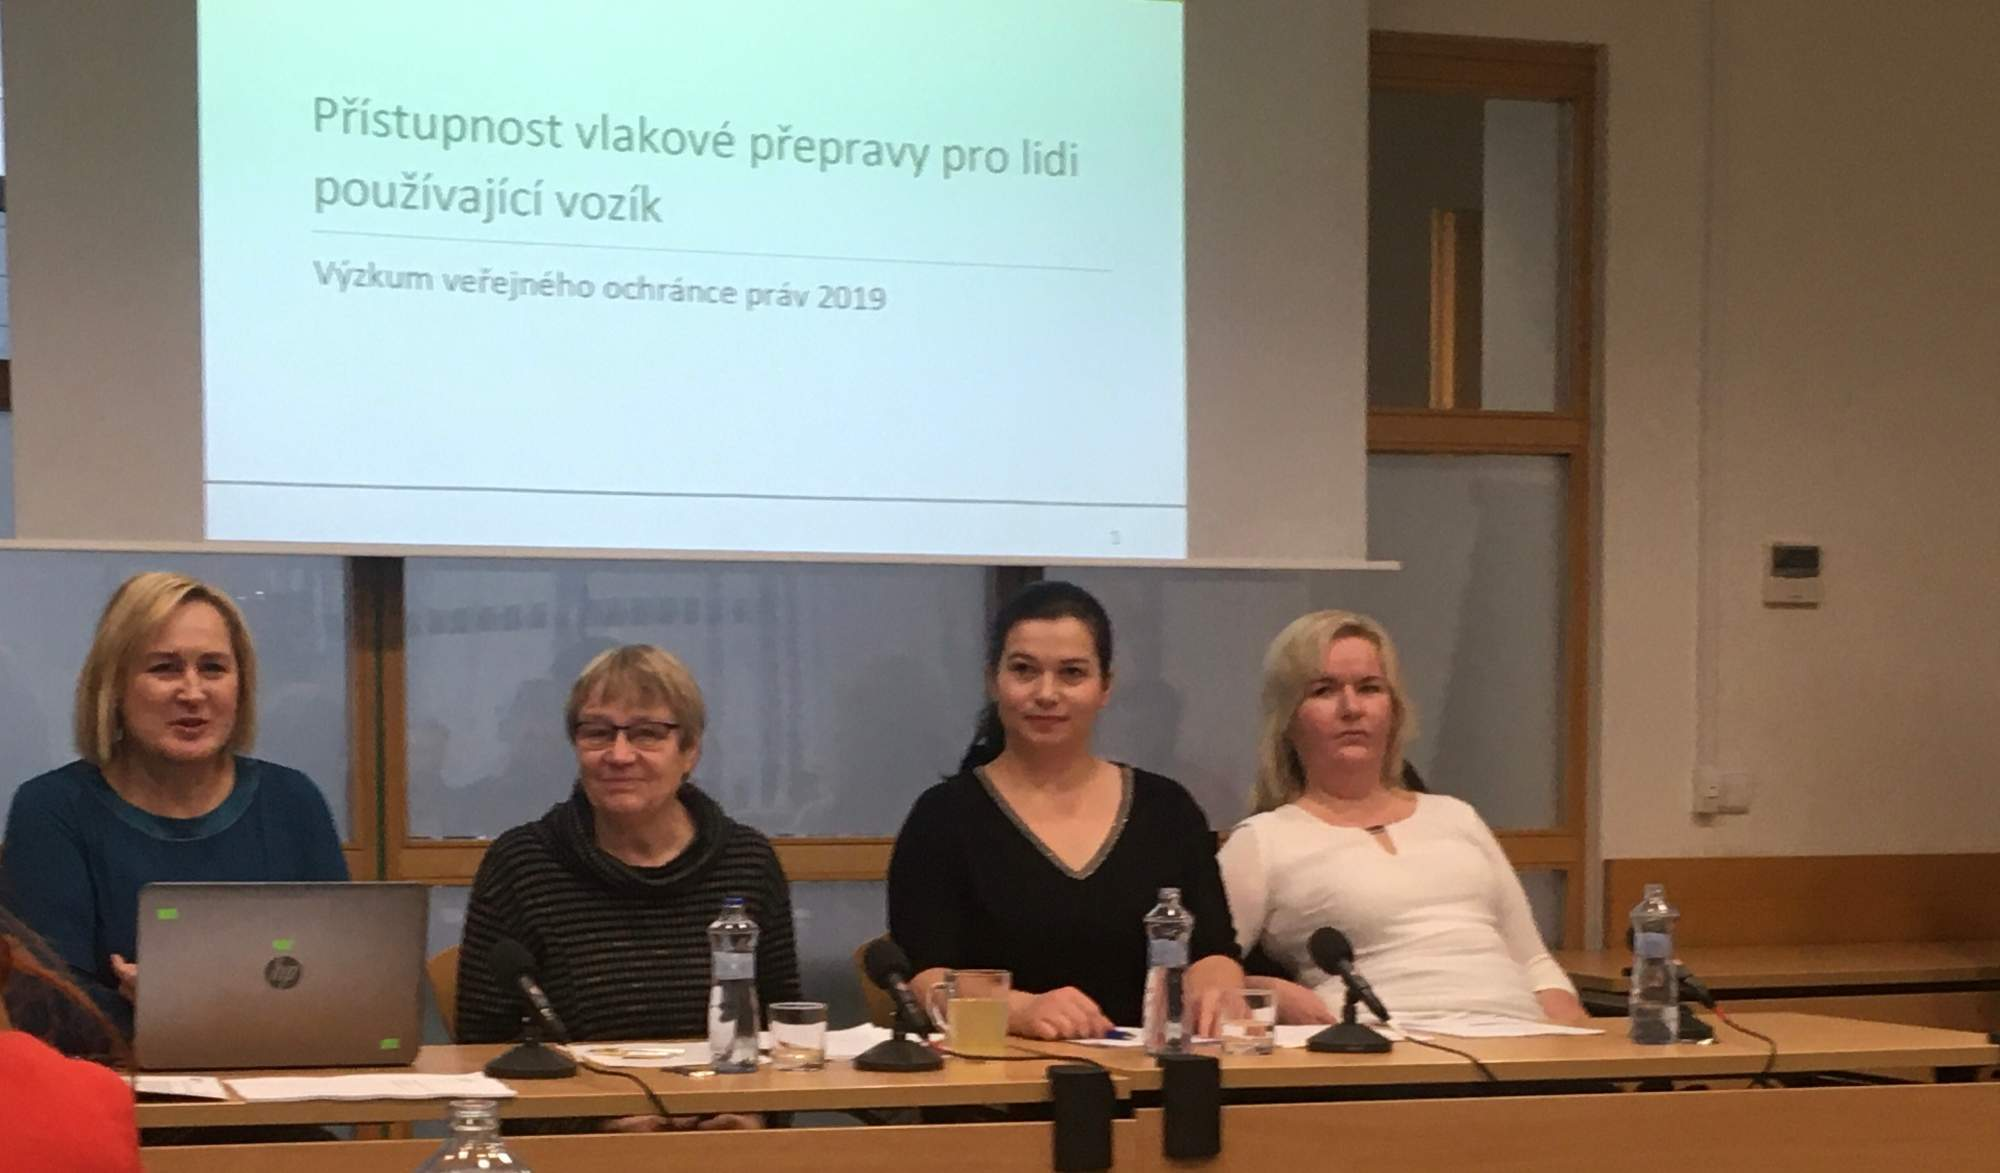 Tisková konference ombudsmanky Šabatové. Foto: Tereza Švecová